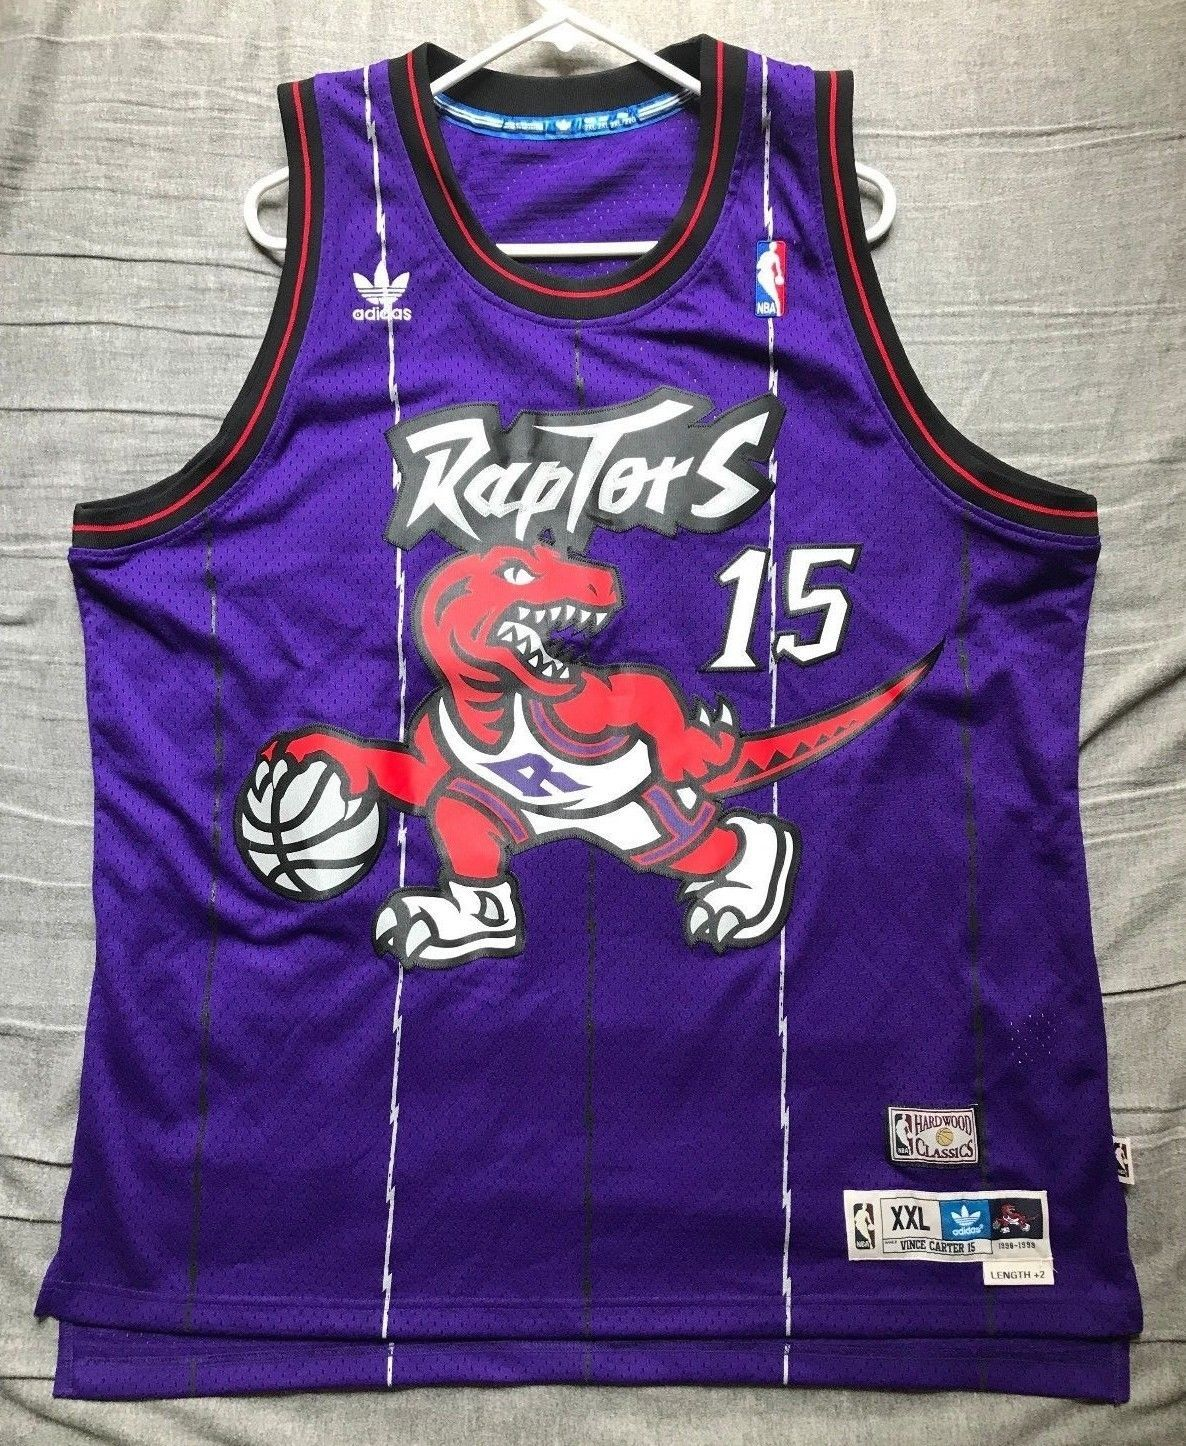 13d9e2d24 Men s Adidas NBA Toronto Raptors jersey Vince Carter  15 size XXL+2 ...